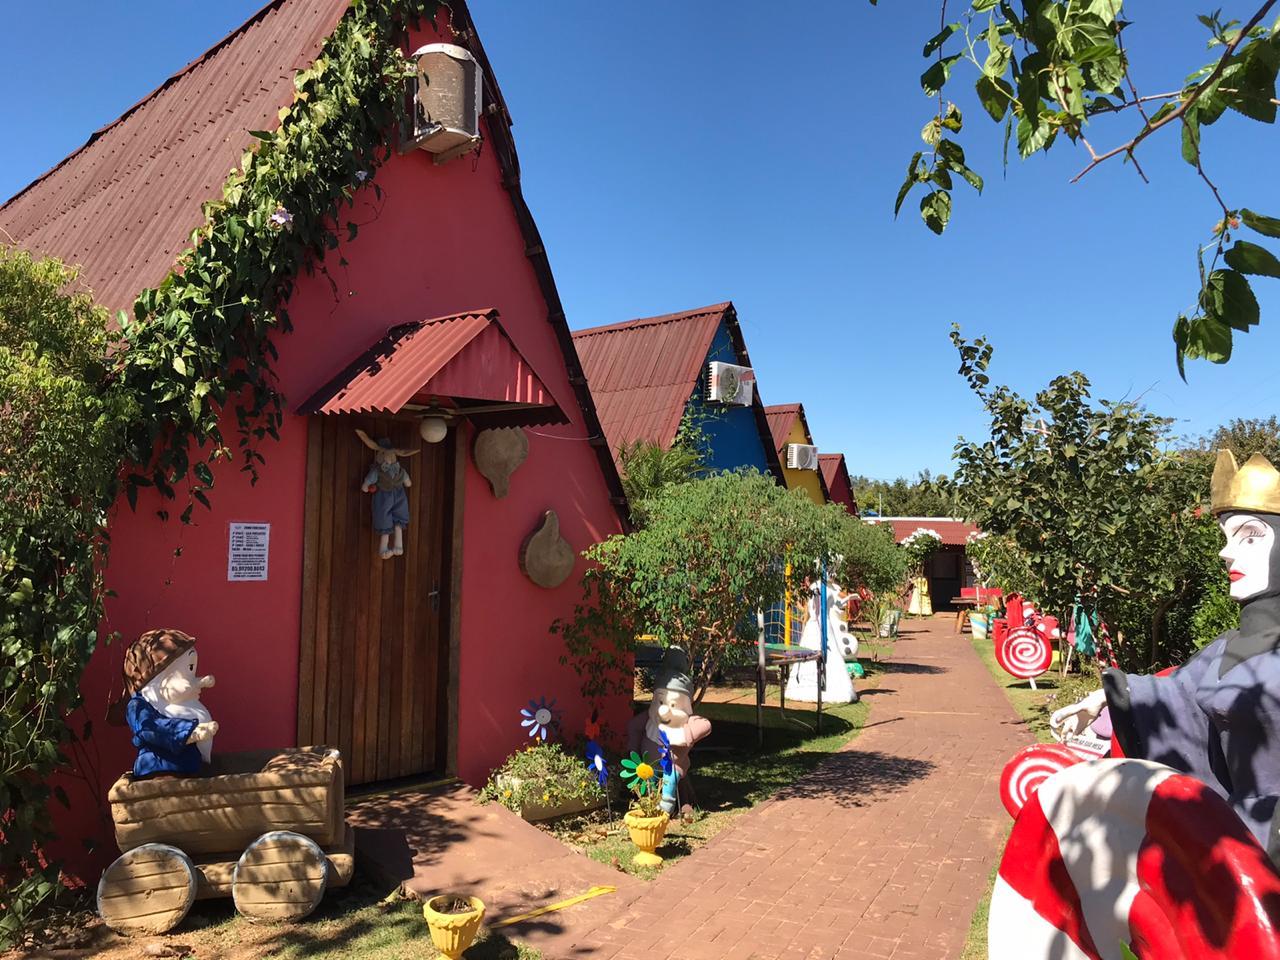 Ponto comercial à venda,  no Jardim bom clima em Chapada dos Guimarães MT 101 12615